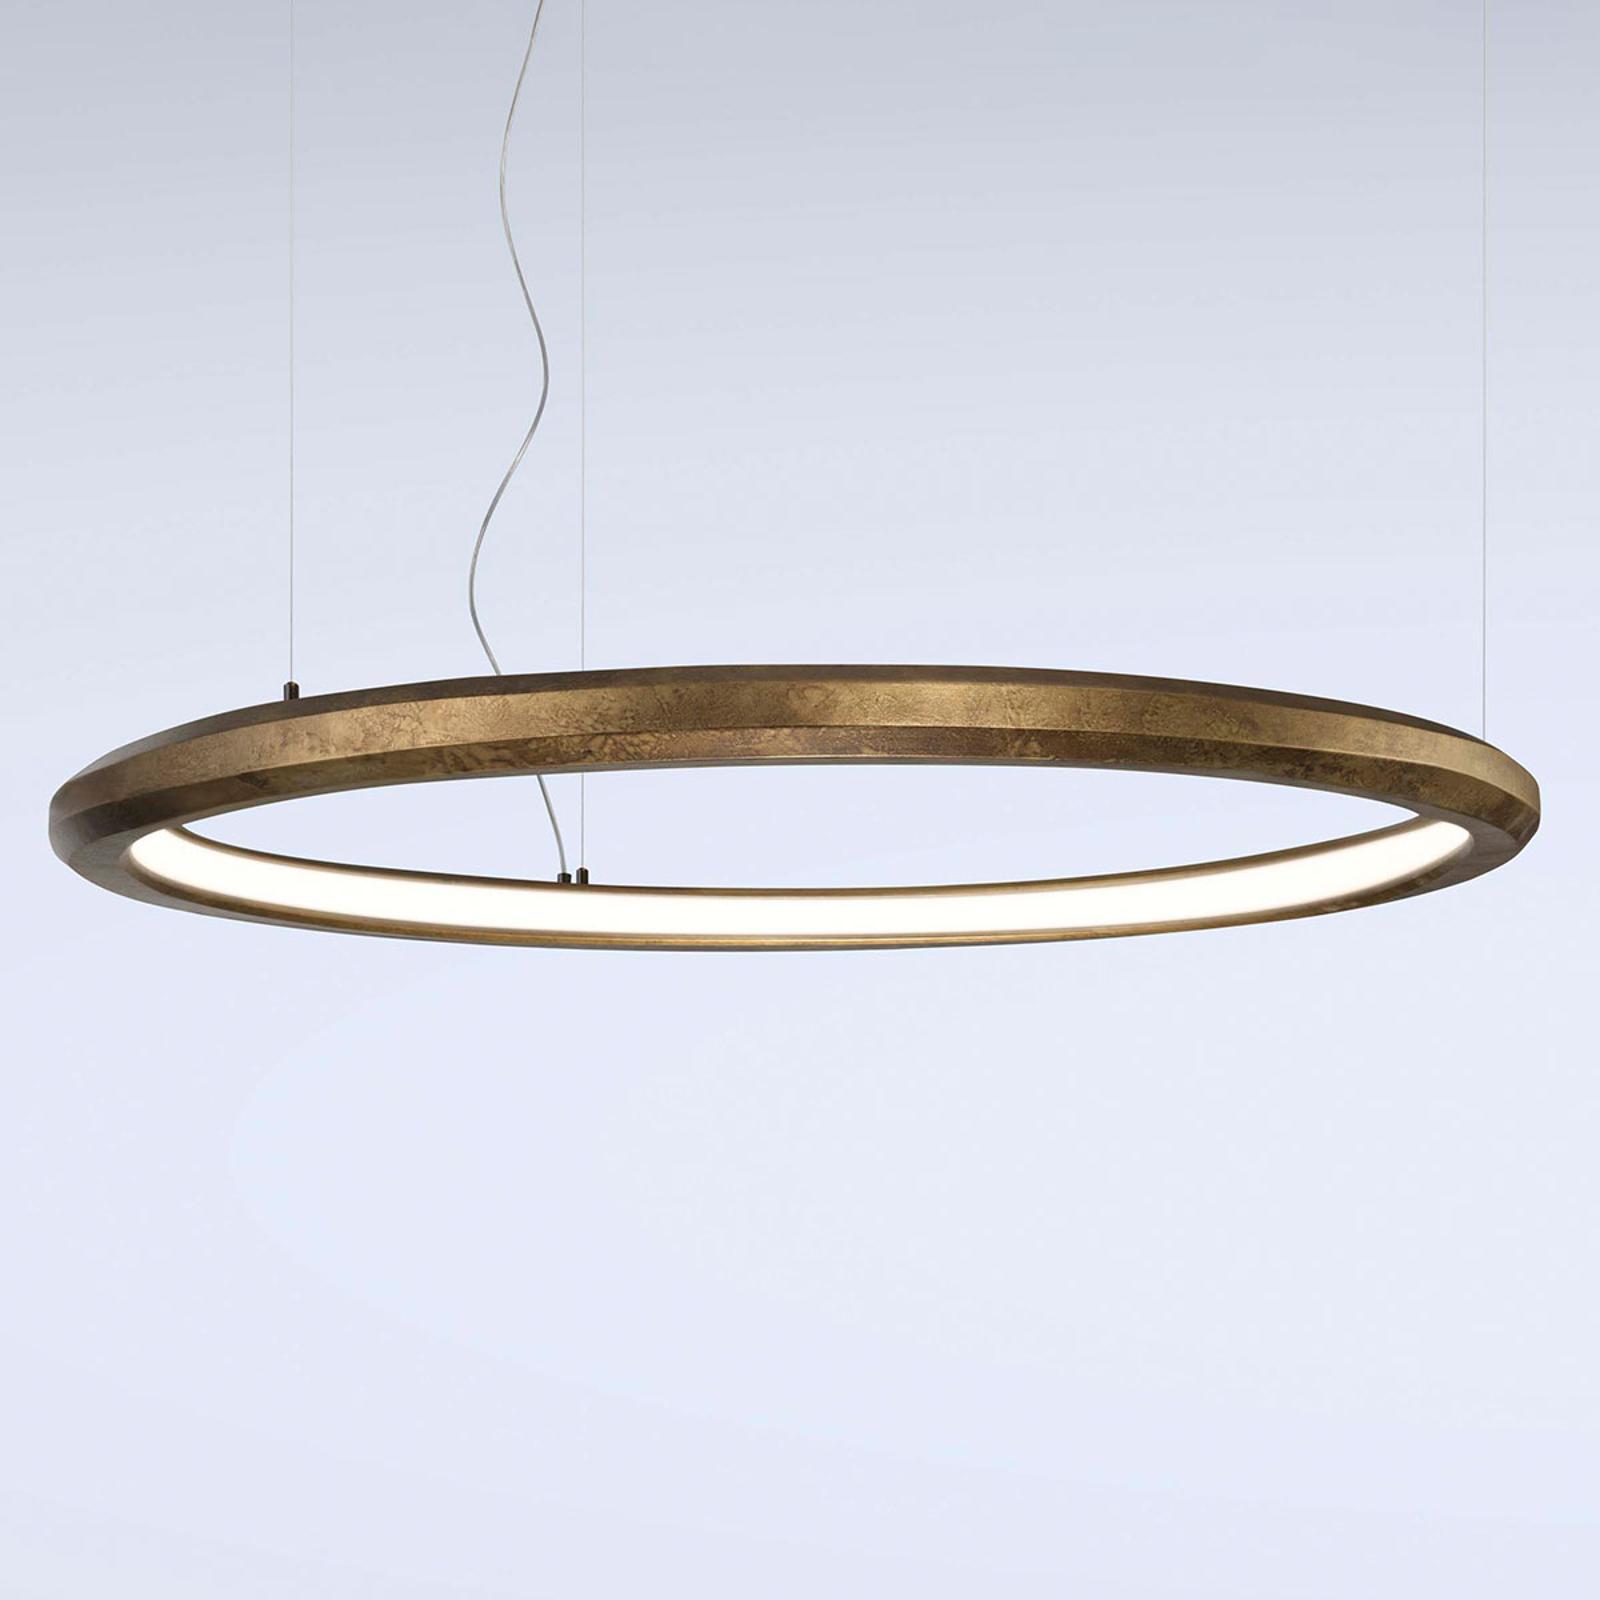 LED-Hängeleuchte Materica innen Ø 120 cm messing